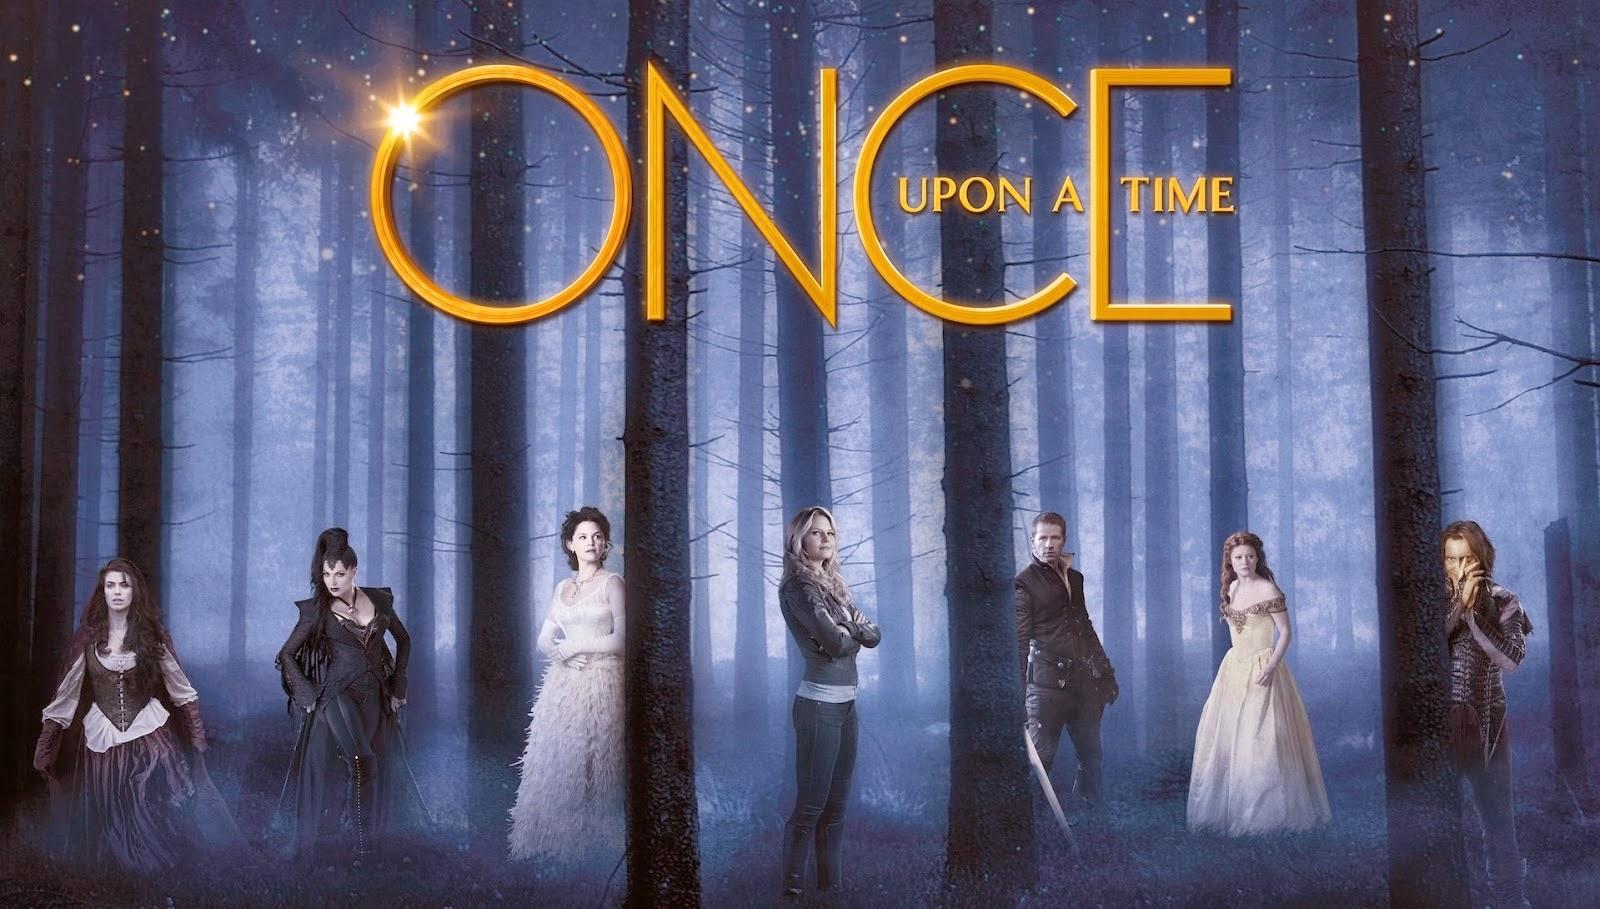 atrizes, Once Upon a Time, série, seriado